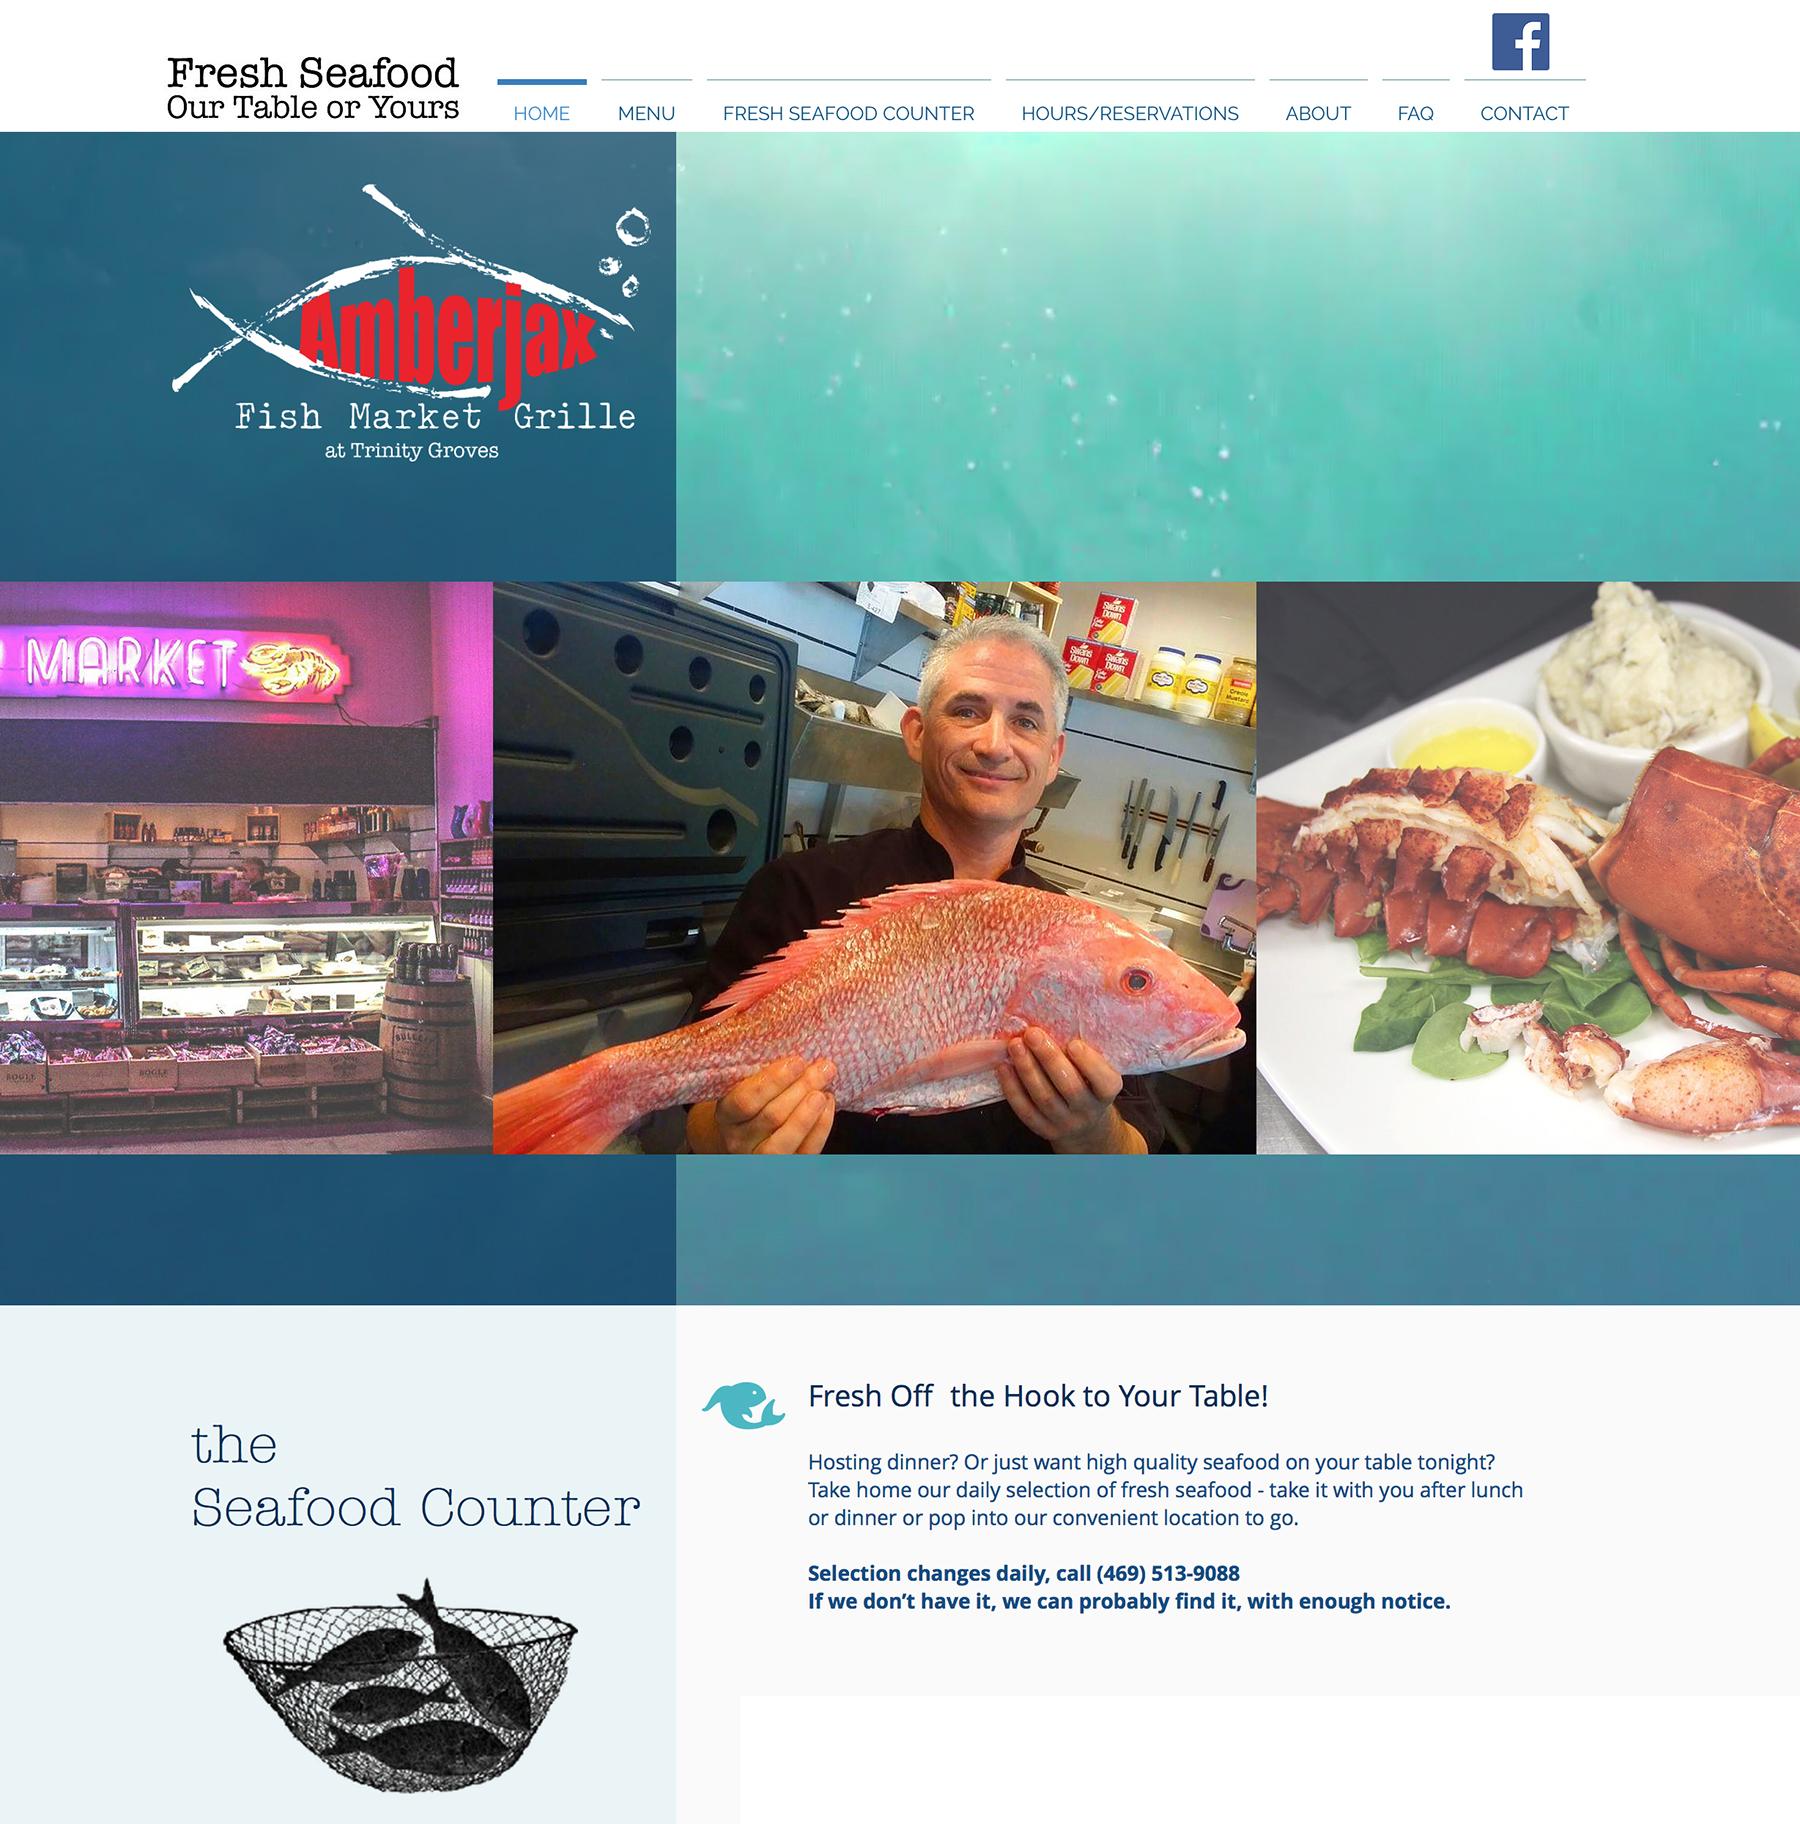 Amberjax Fish Market Grille